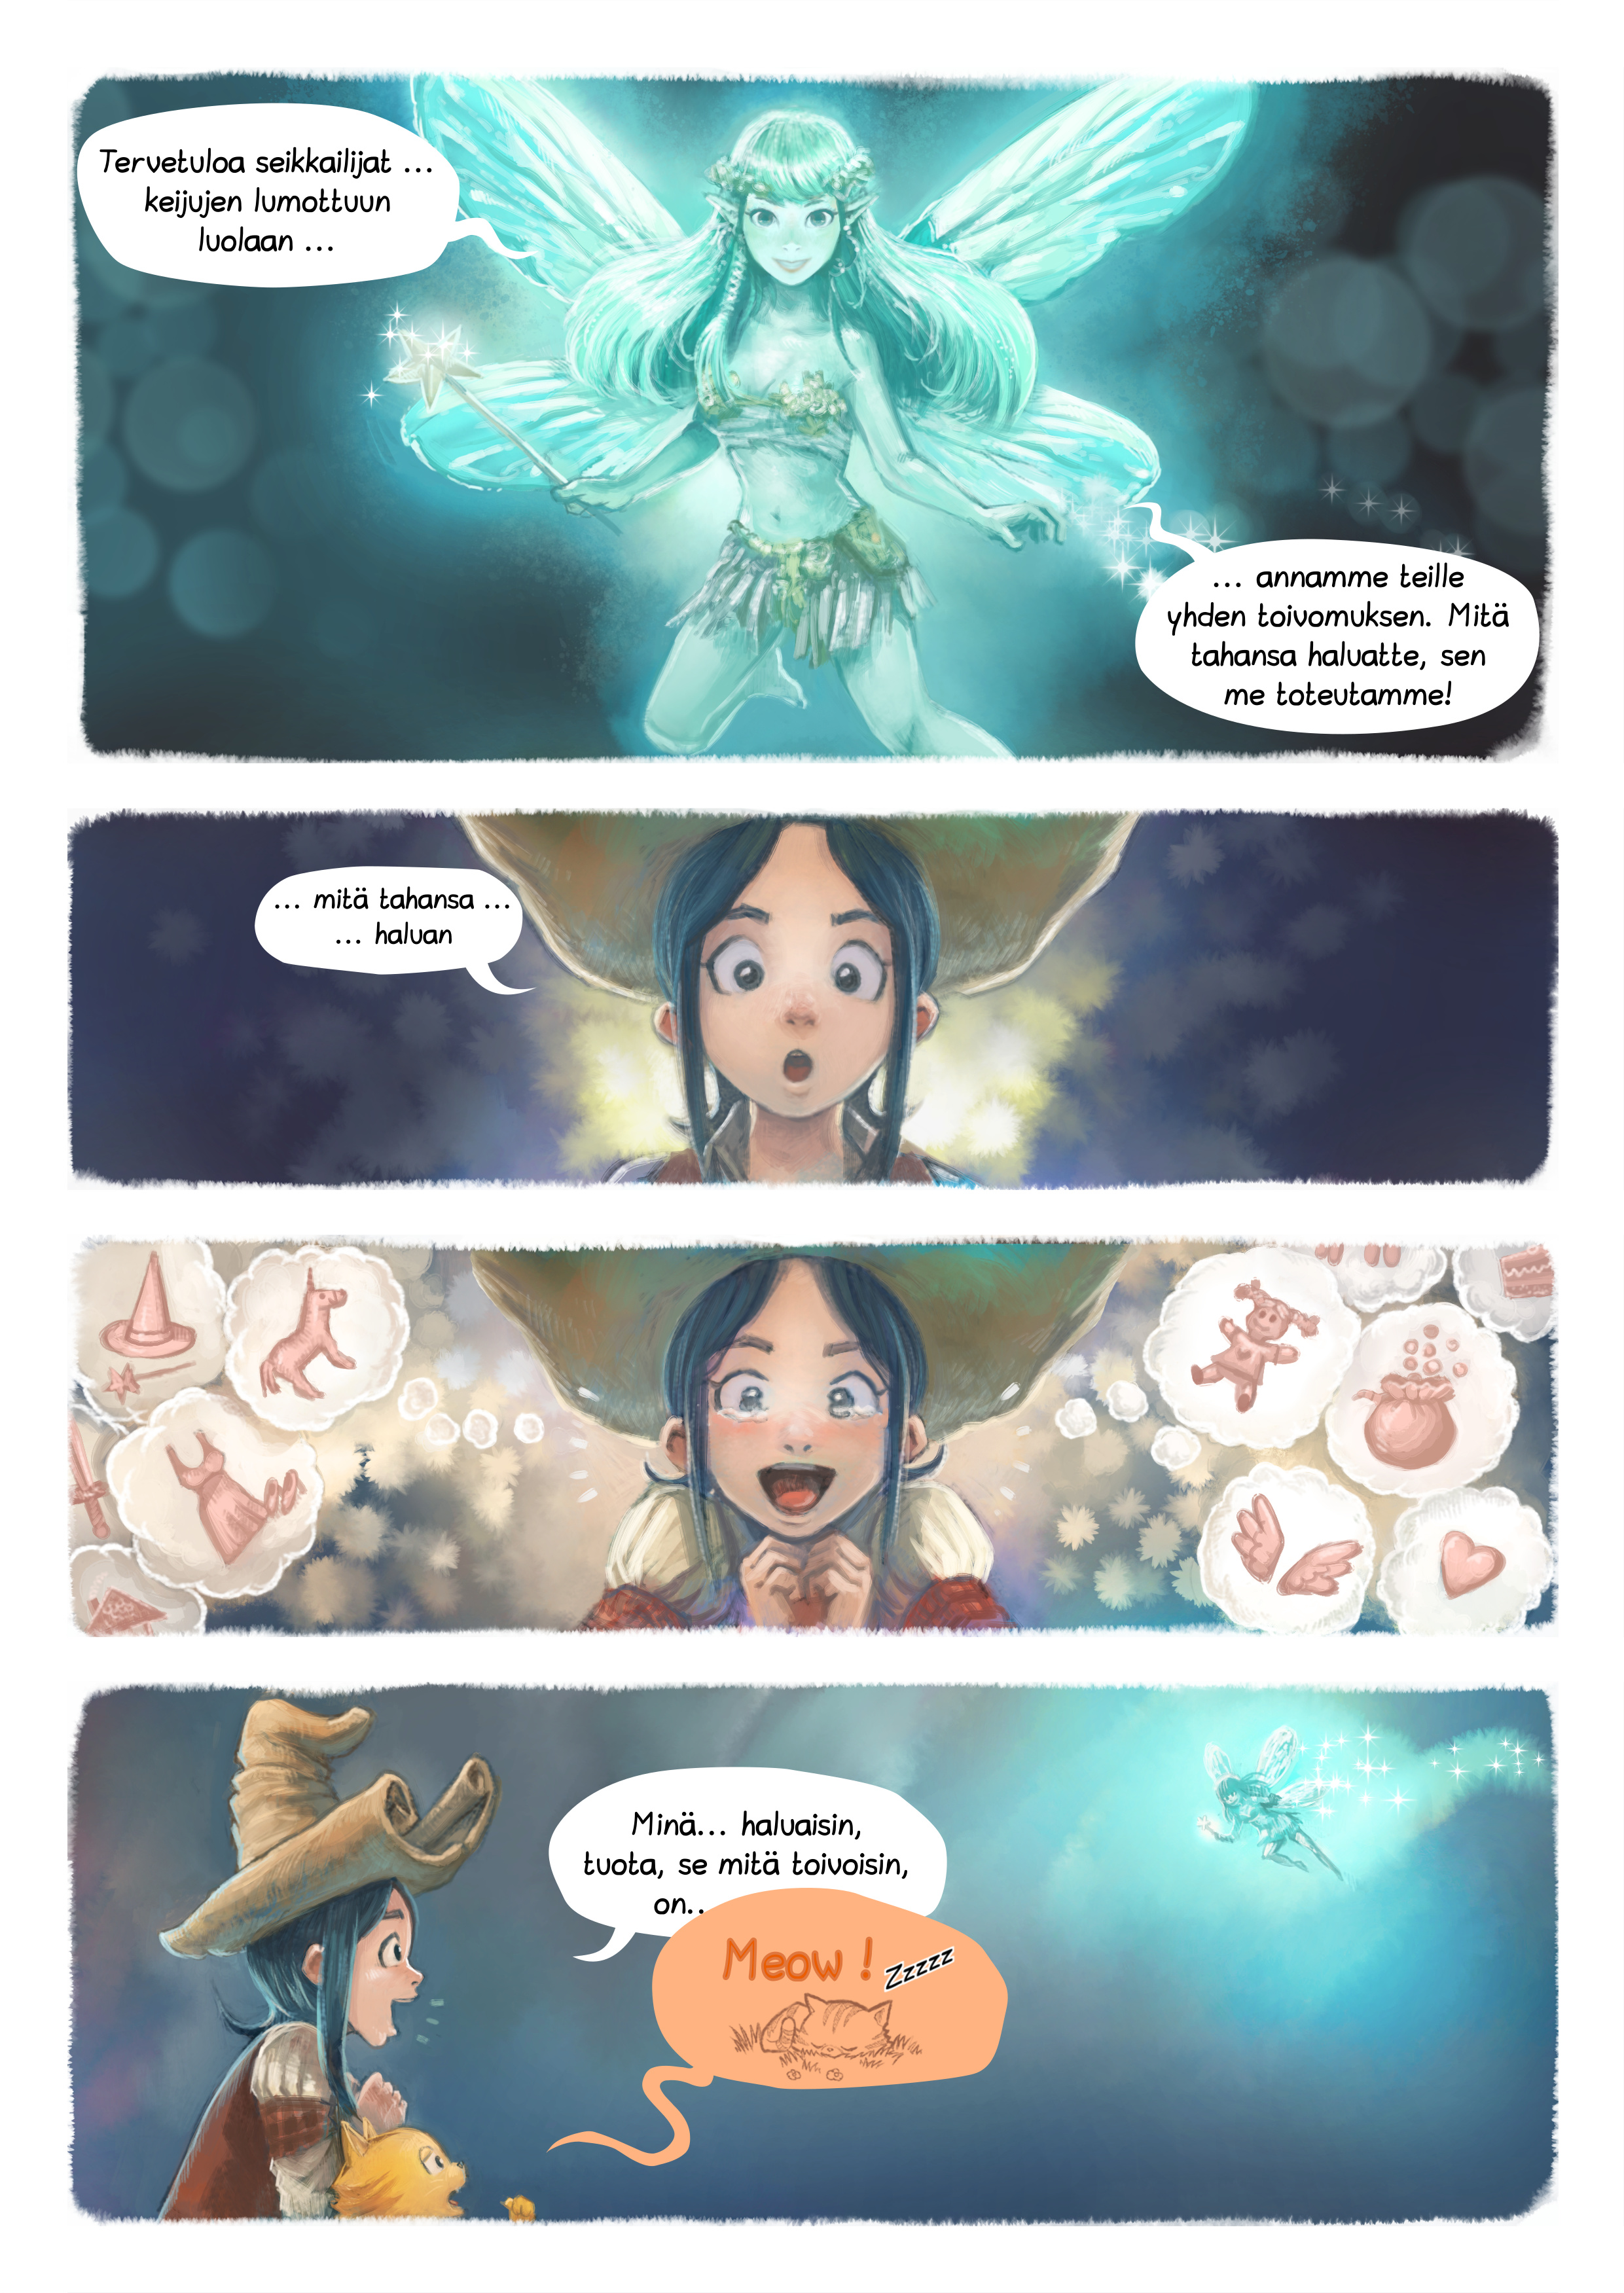 Episodi 7: Toivomus, Page 4